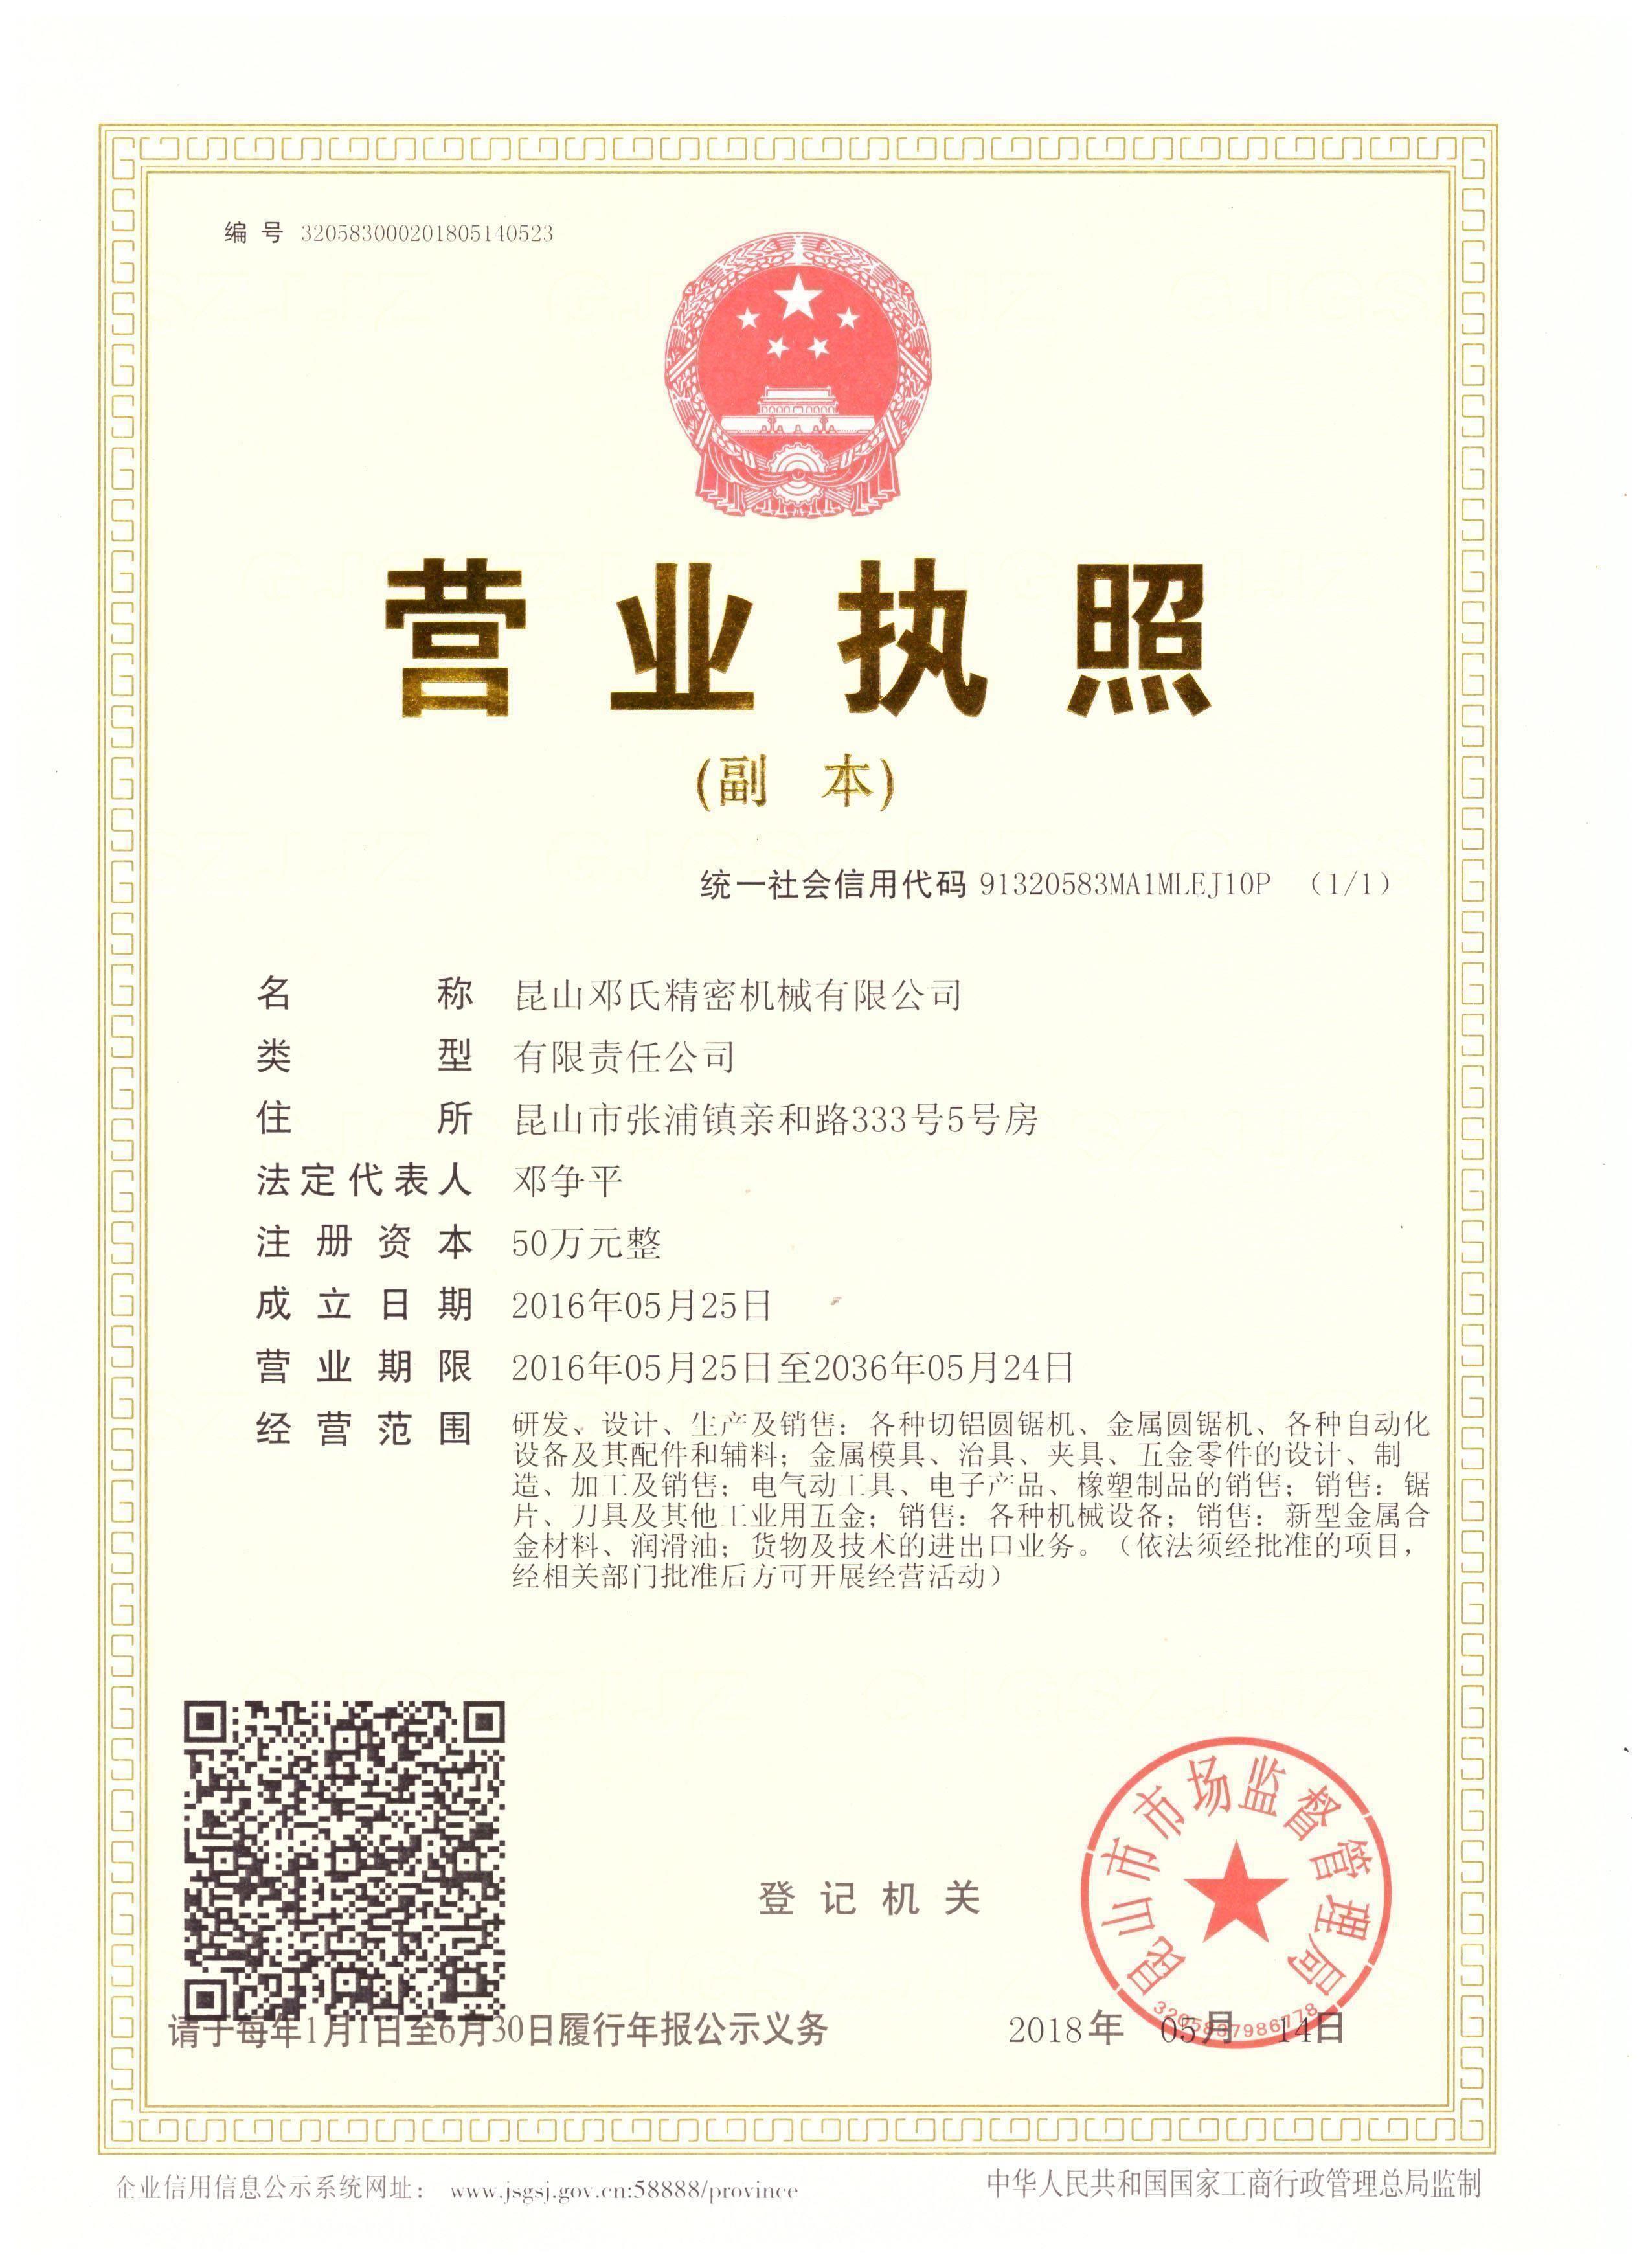 邓氏机械新版营业执照-邓氏